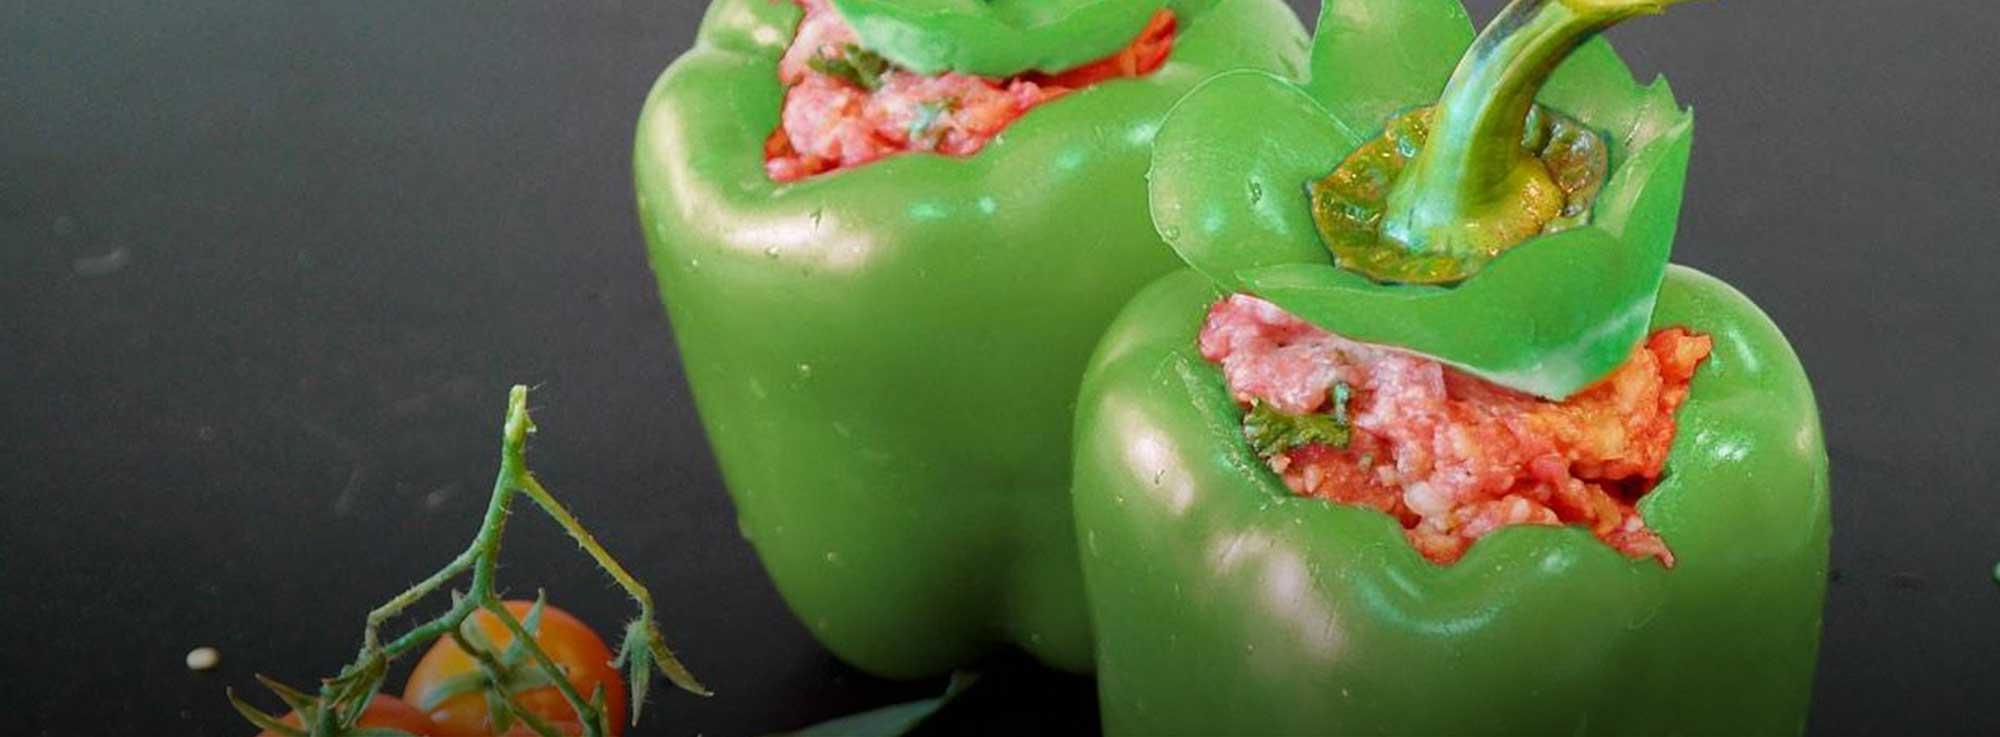 Ricetta: Peperoni verdi ripieni di salsiccia